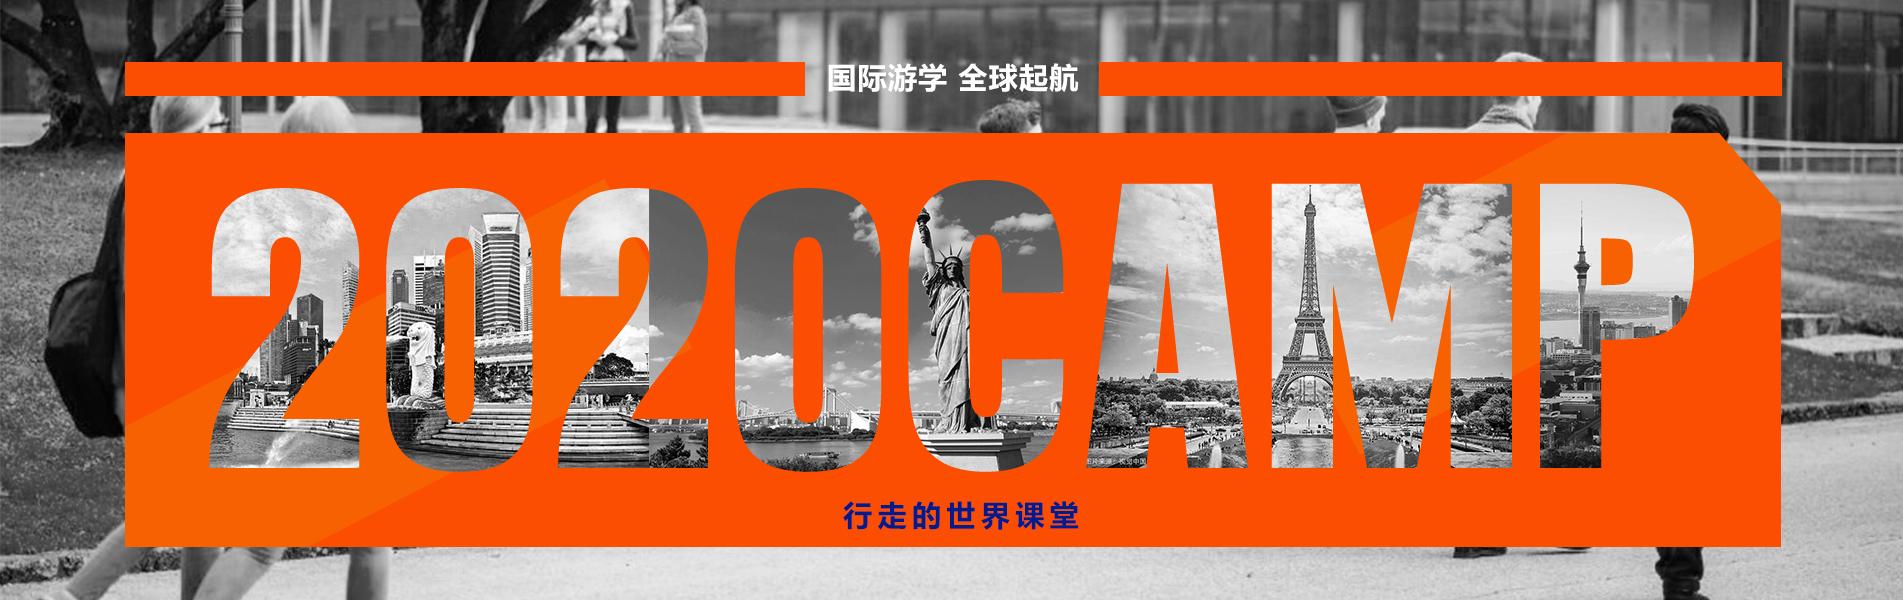 国际游学banner